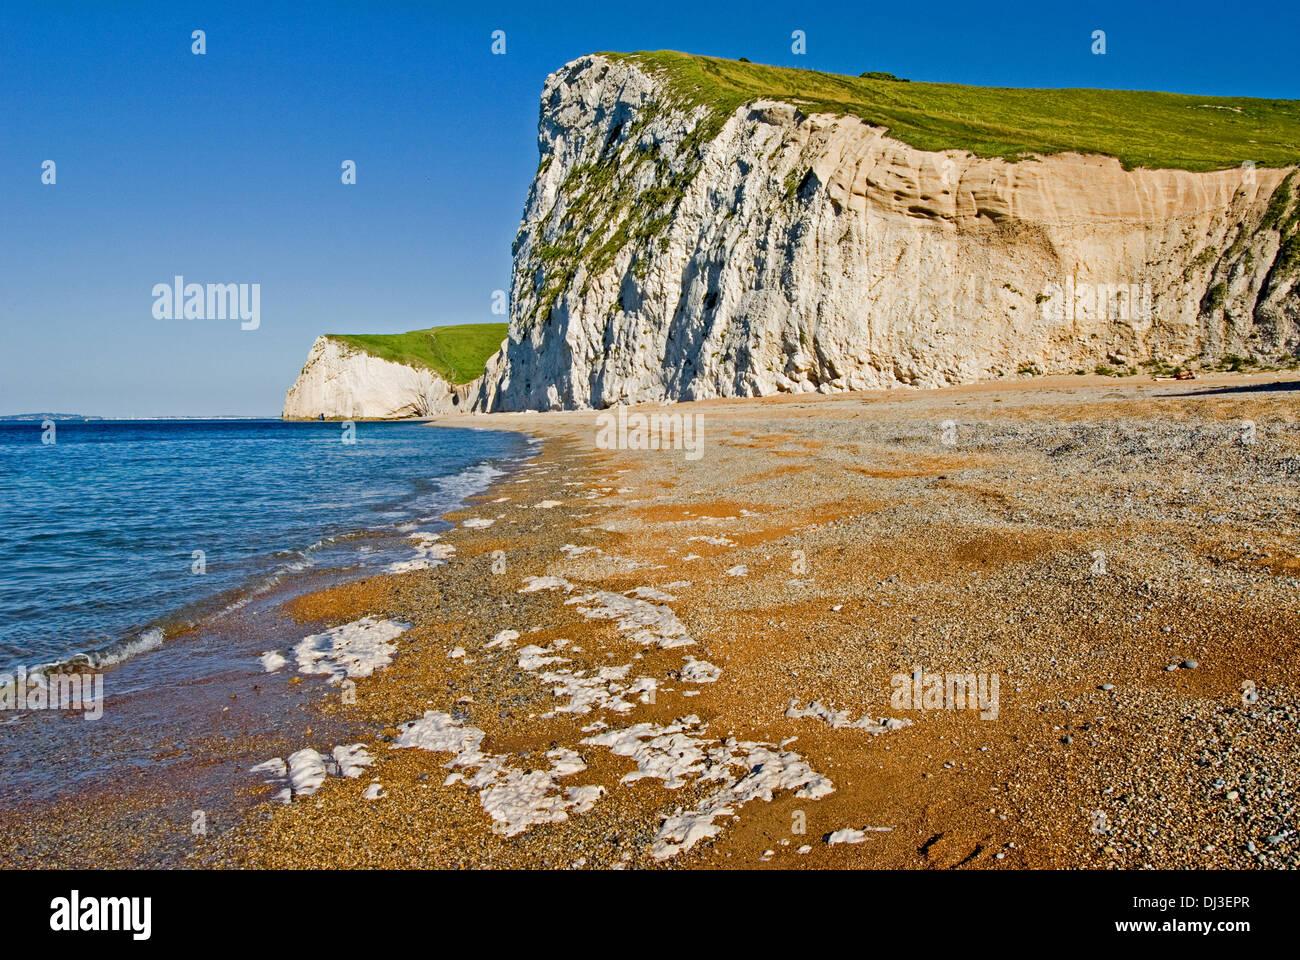 Swyre cabeza sube desde la playa de guijarros, cerca de la puerta de durdle en la costa Jurásica de Dorset. Foto de stock